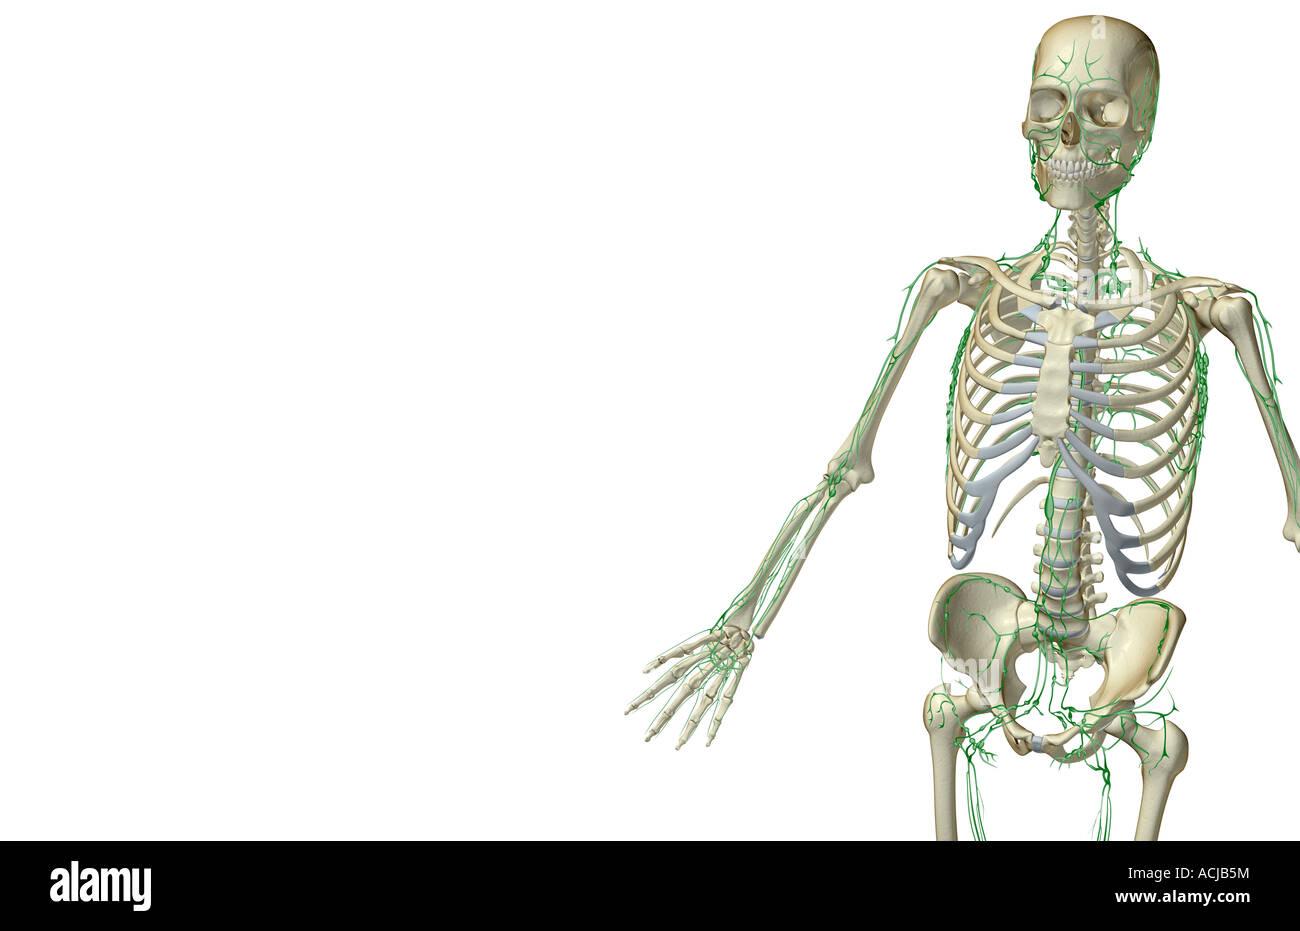 Nett Lymphsystem Leiste Ideen - Menschliche Anatomie Bilder ...